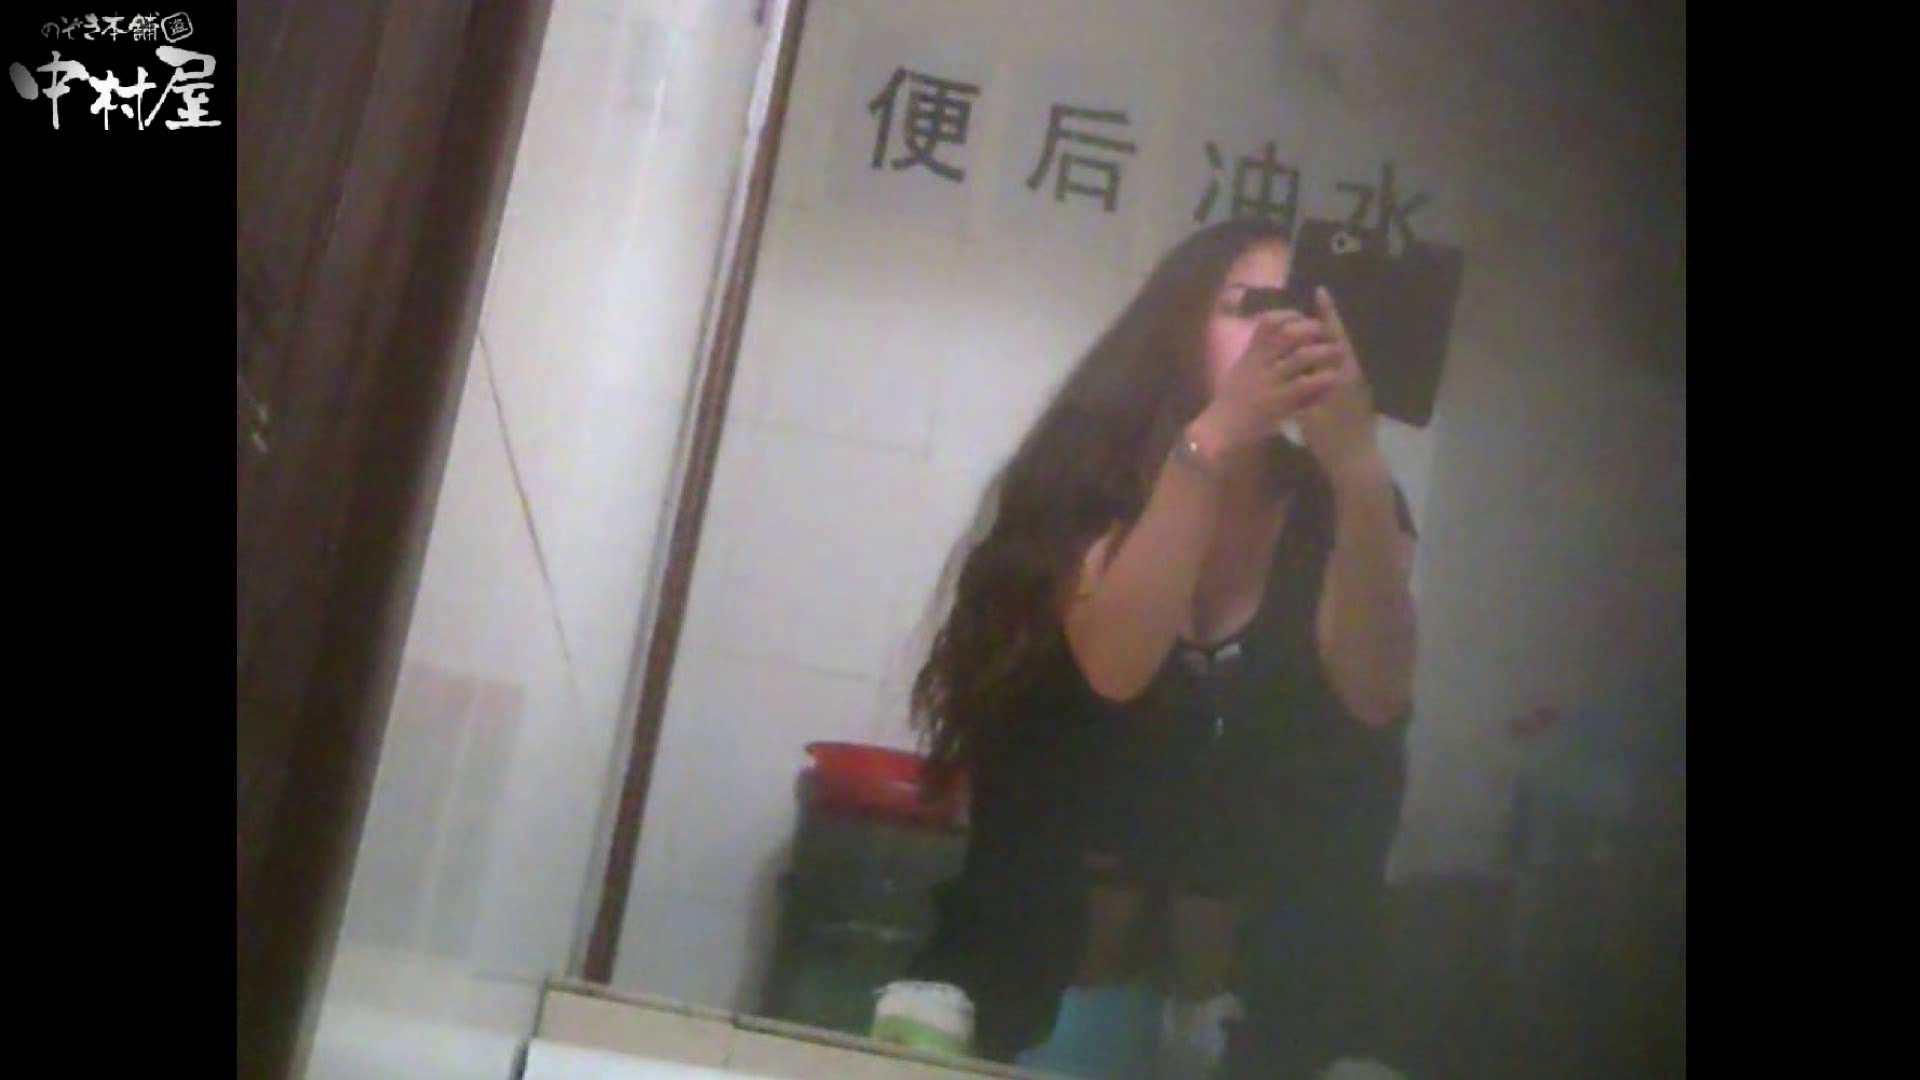 李さんの盗撮日記 Vol.03 現役ギャル のぞき動画画像 95pic 48